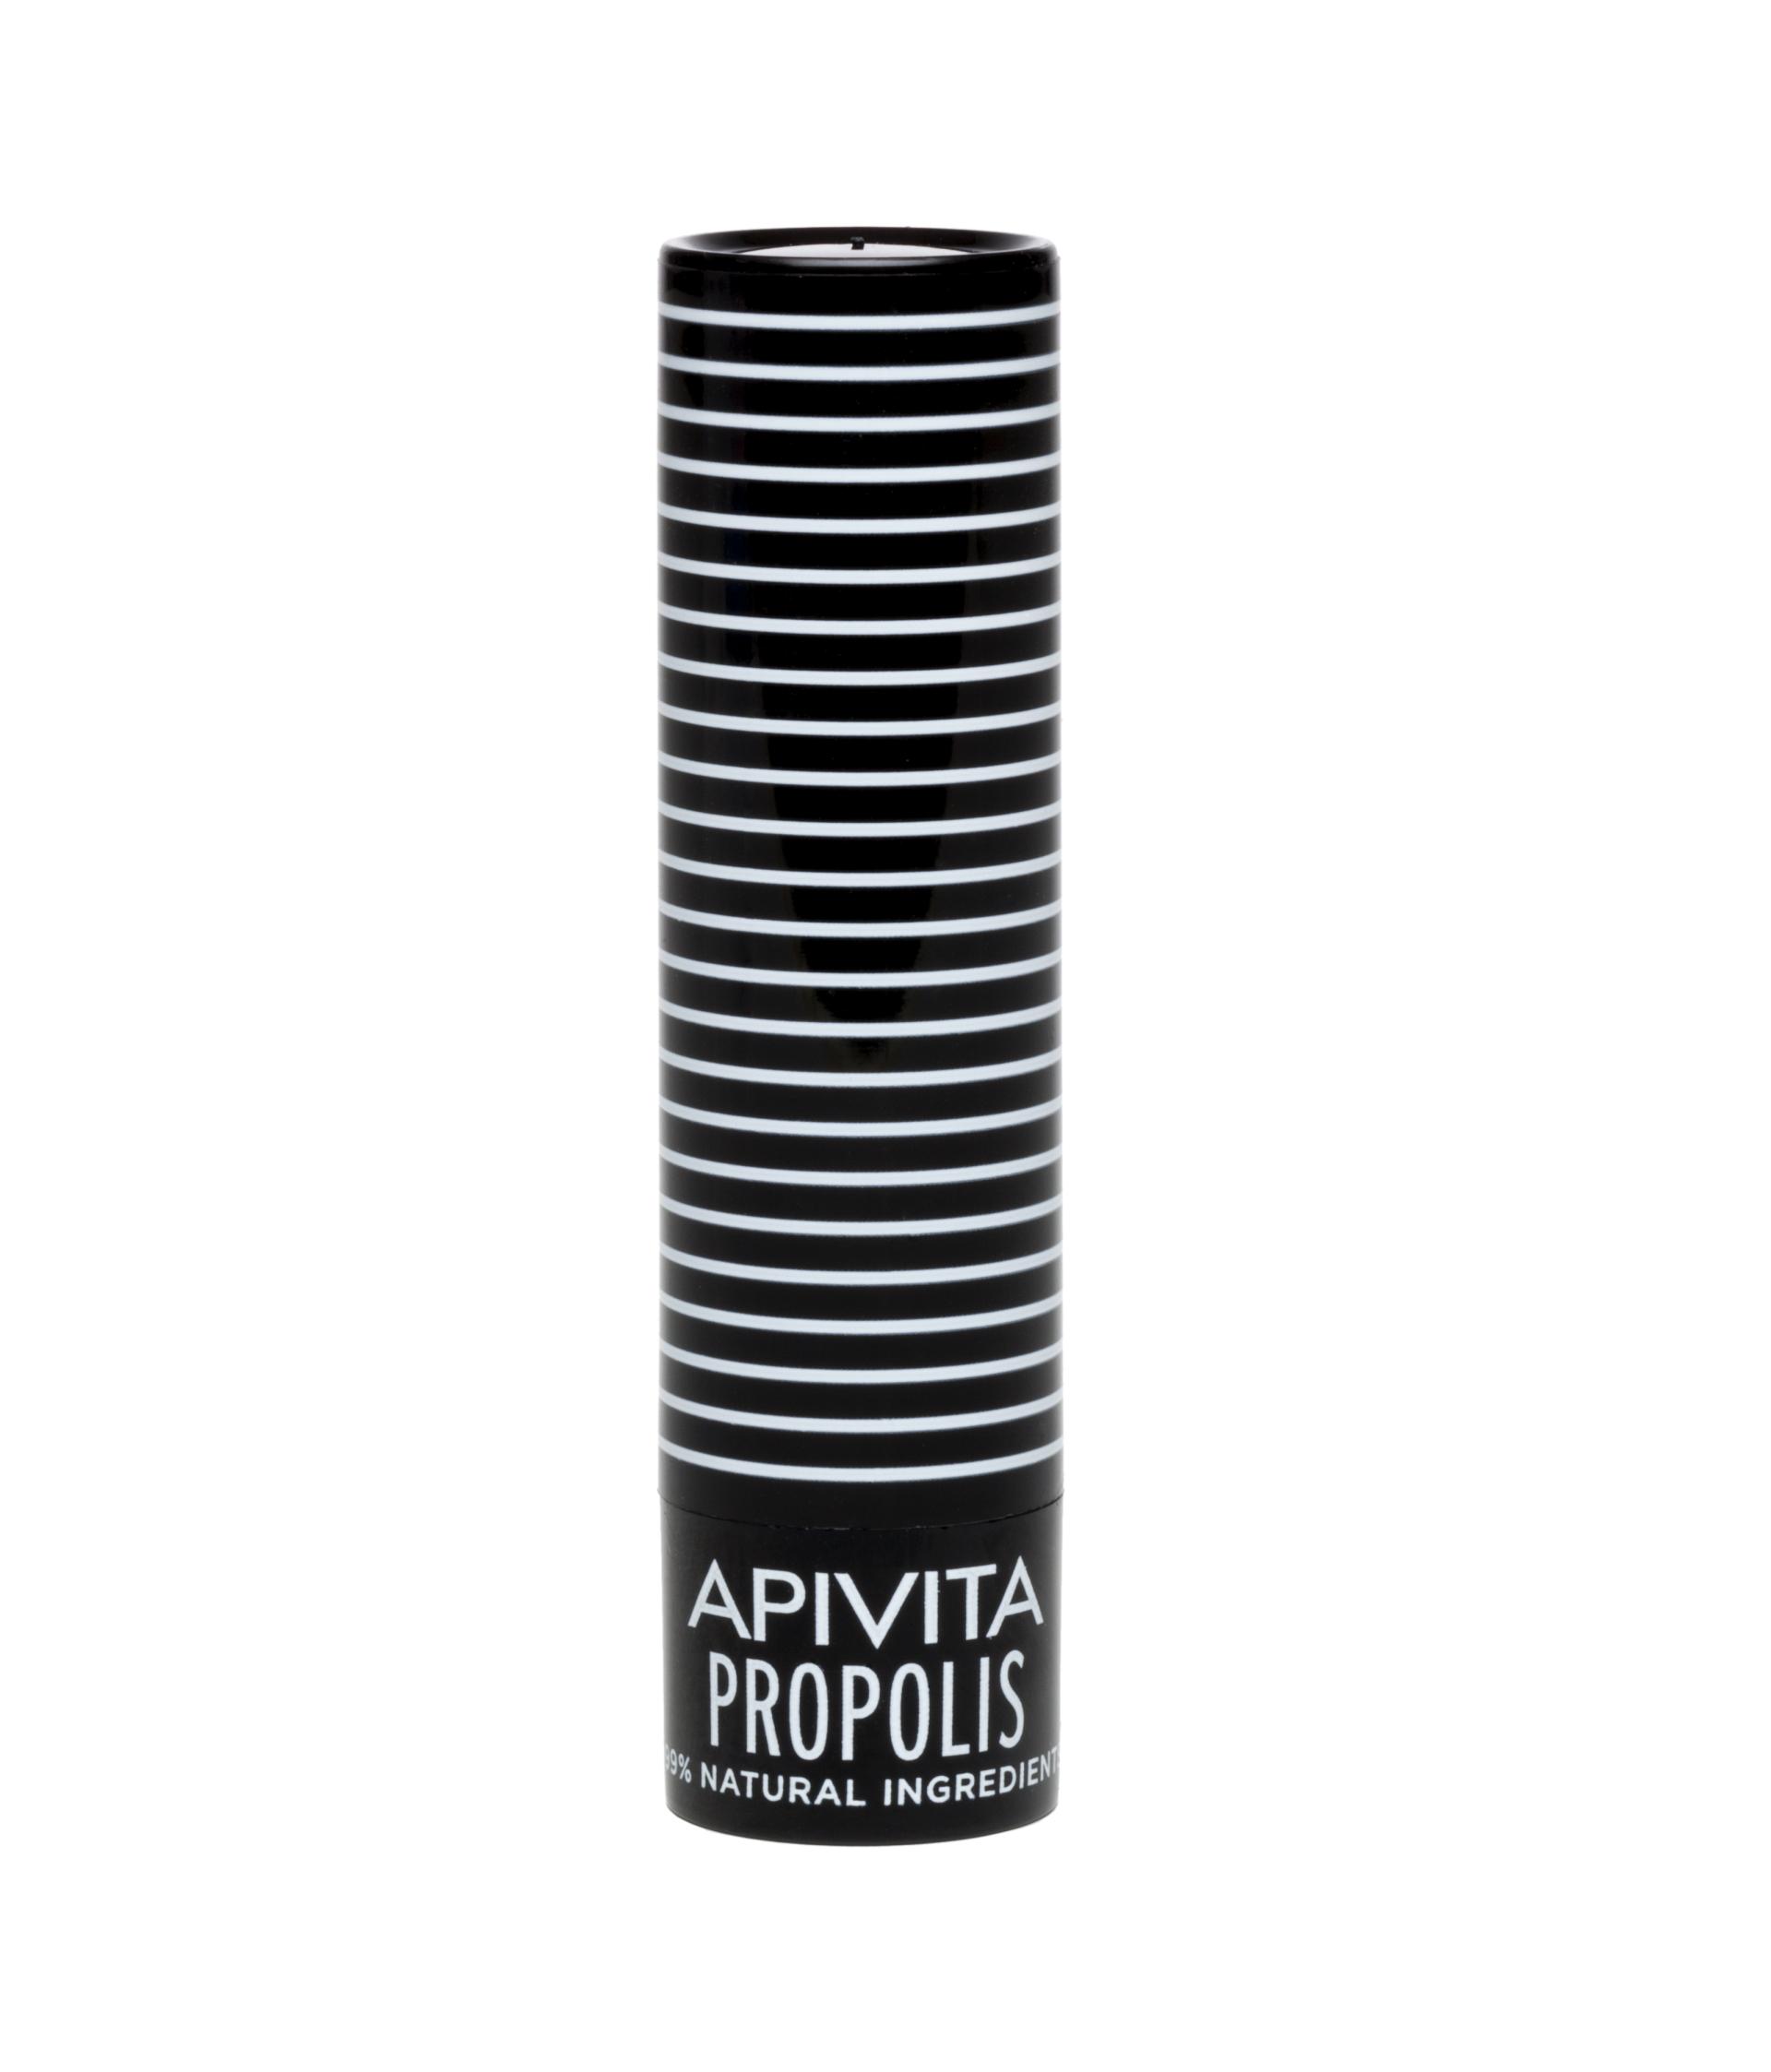 Apivita Уход для губ Прополис, 4,4 гр (Apivita, Уход для губ)